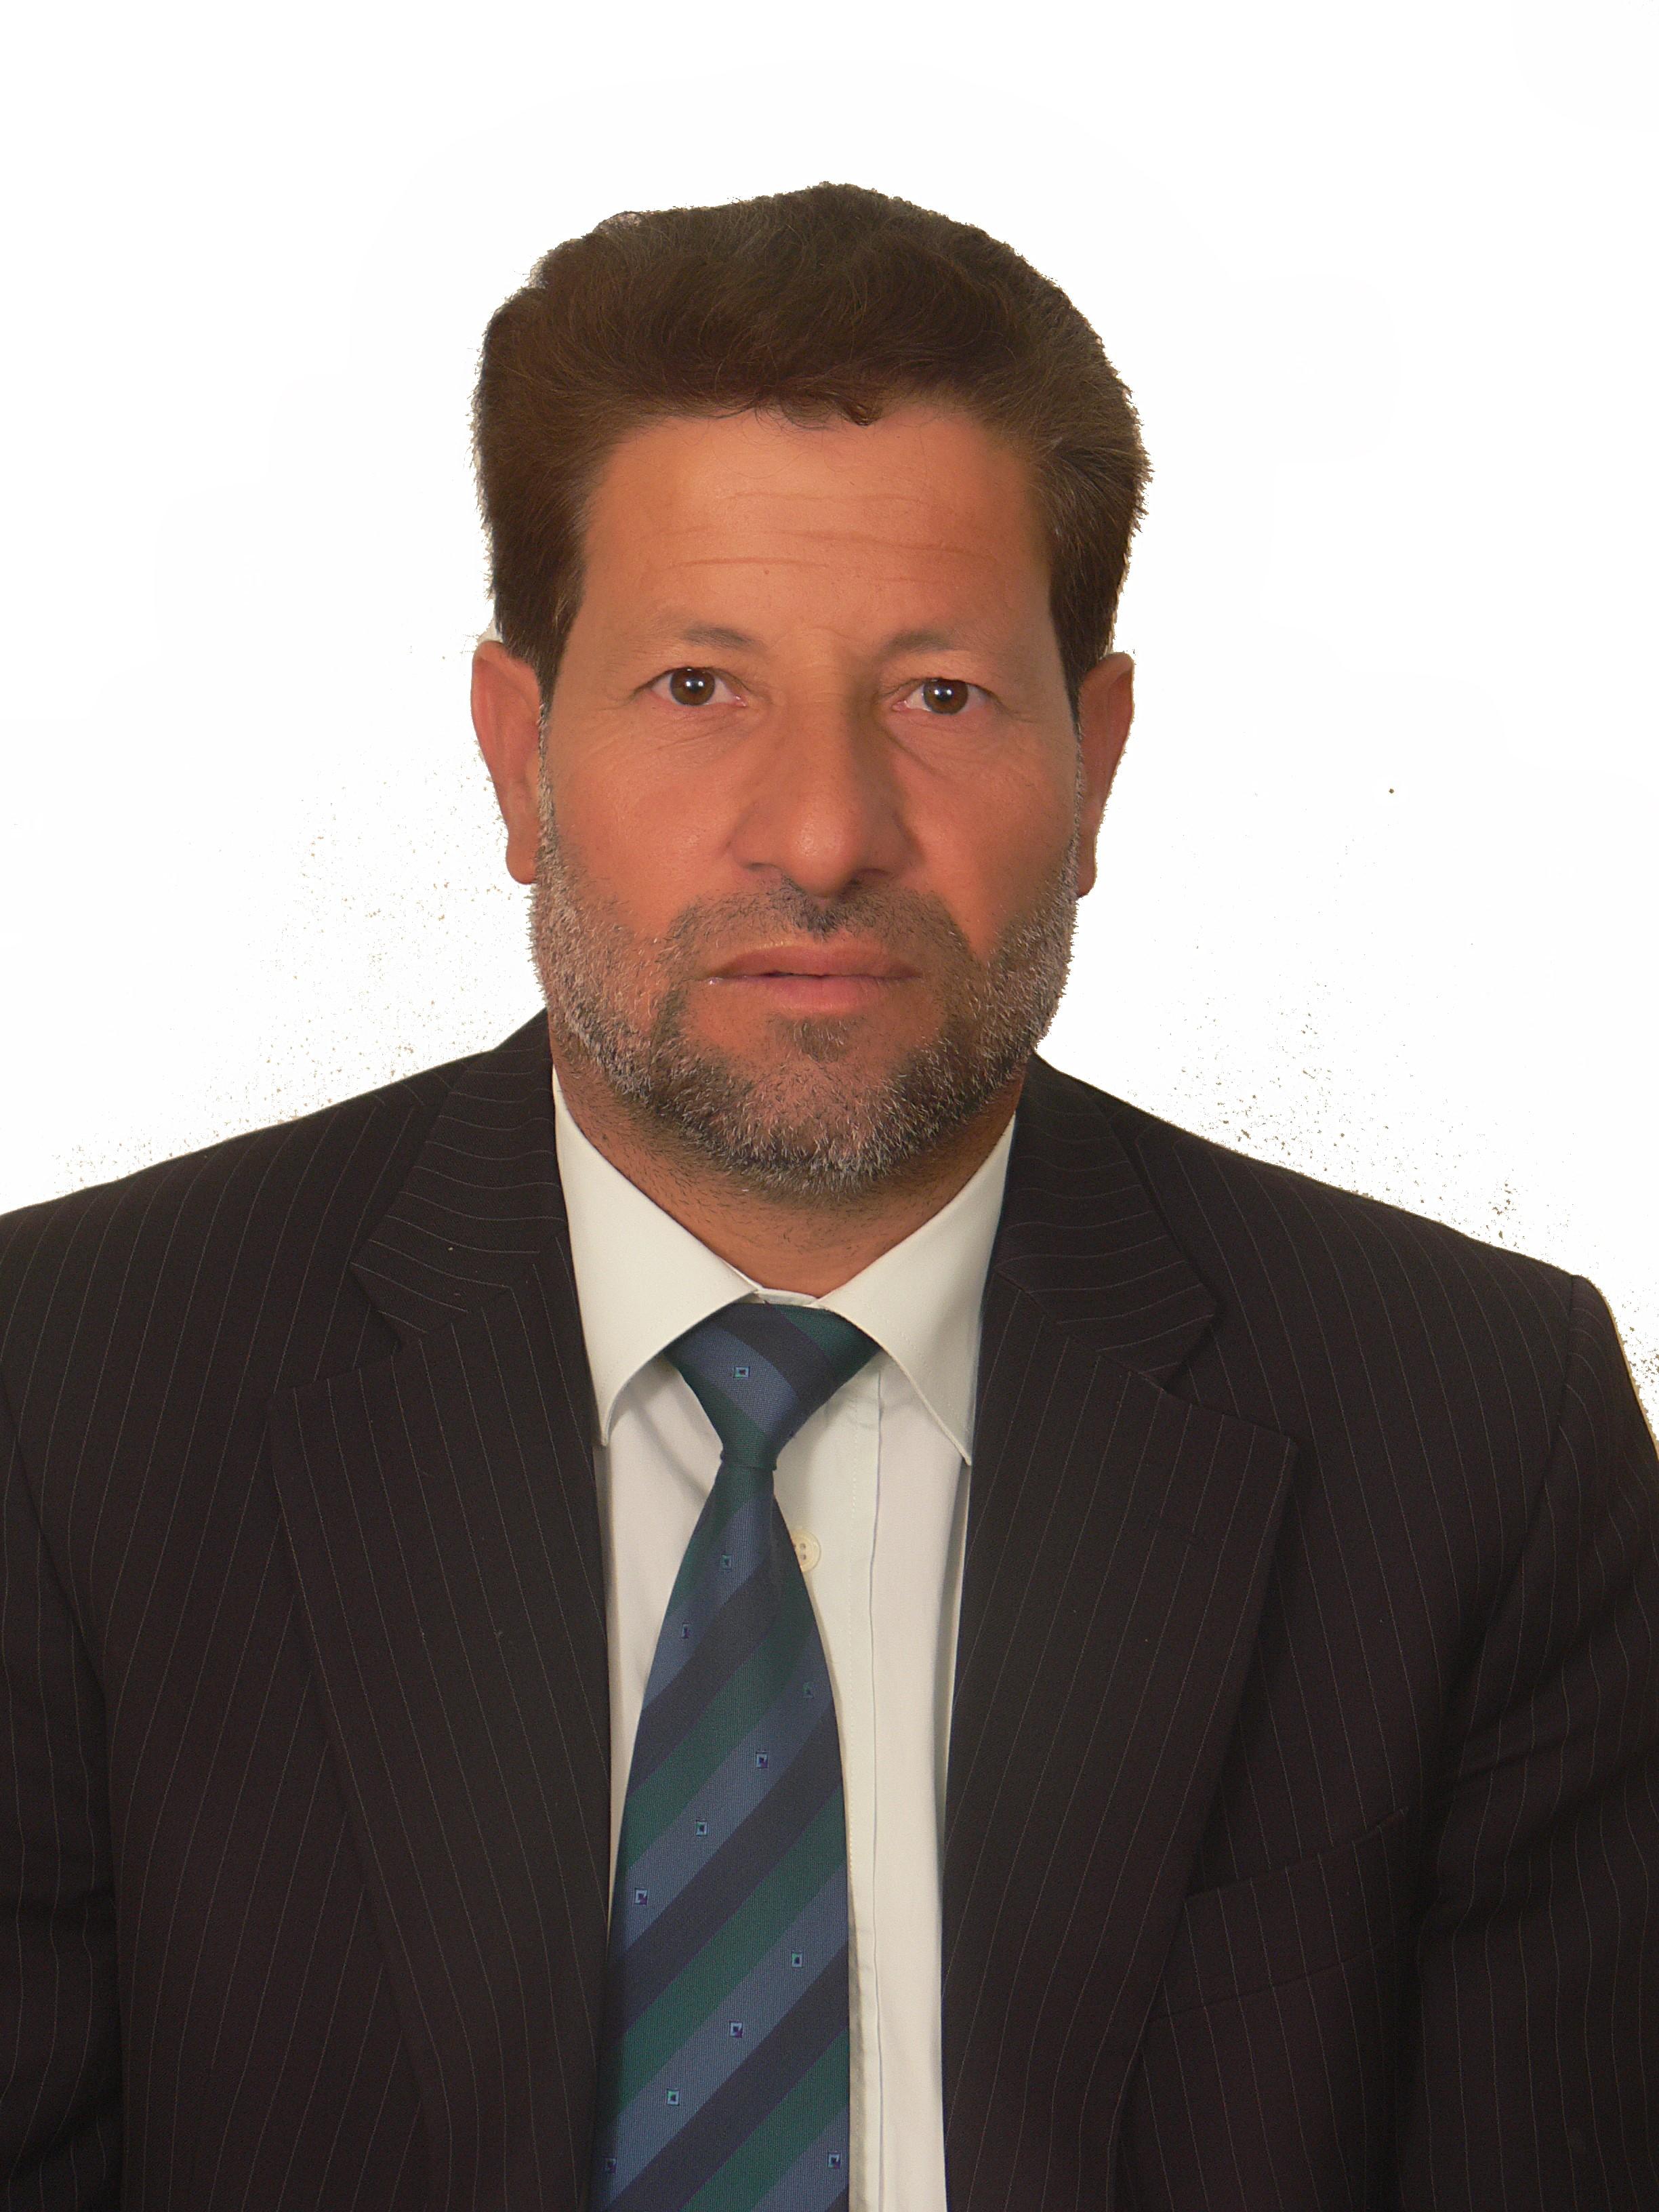 الشفافيه والنزاهه والعدالة  وتكافؤ الفرص في وزارة التربية والتعليم